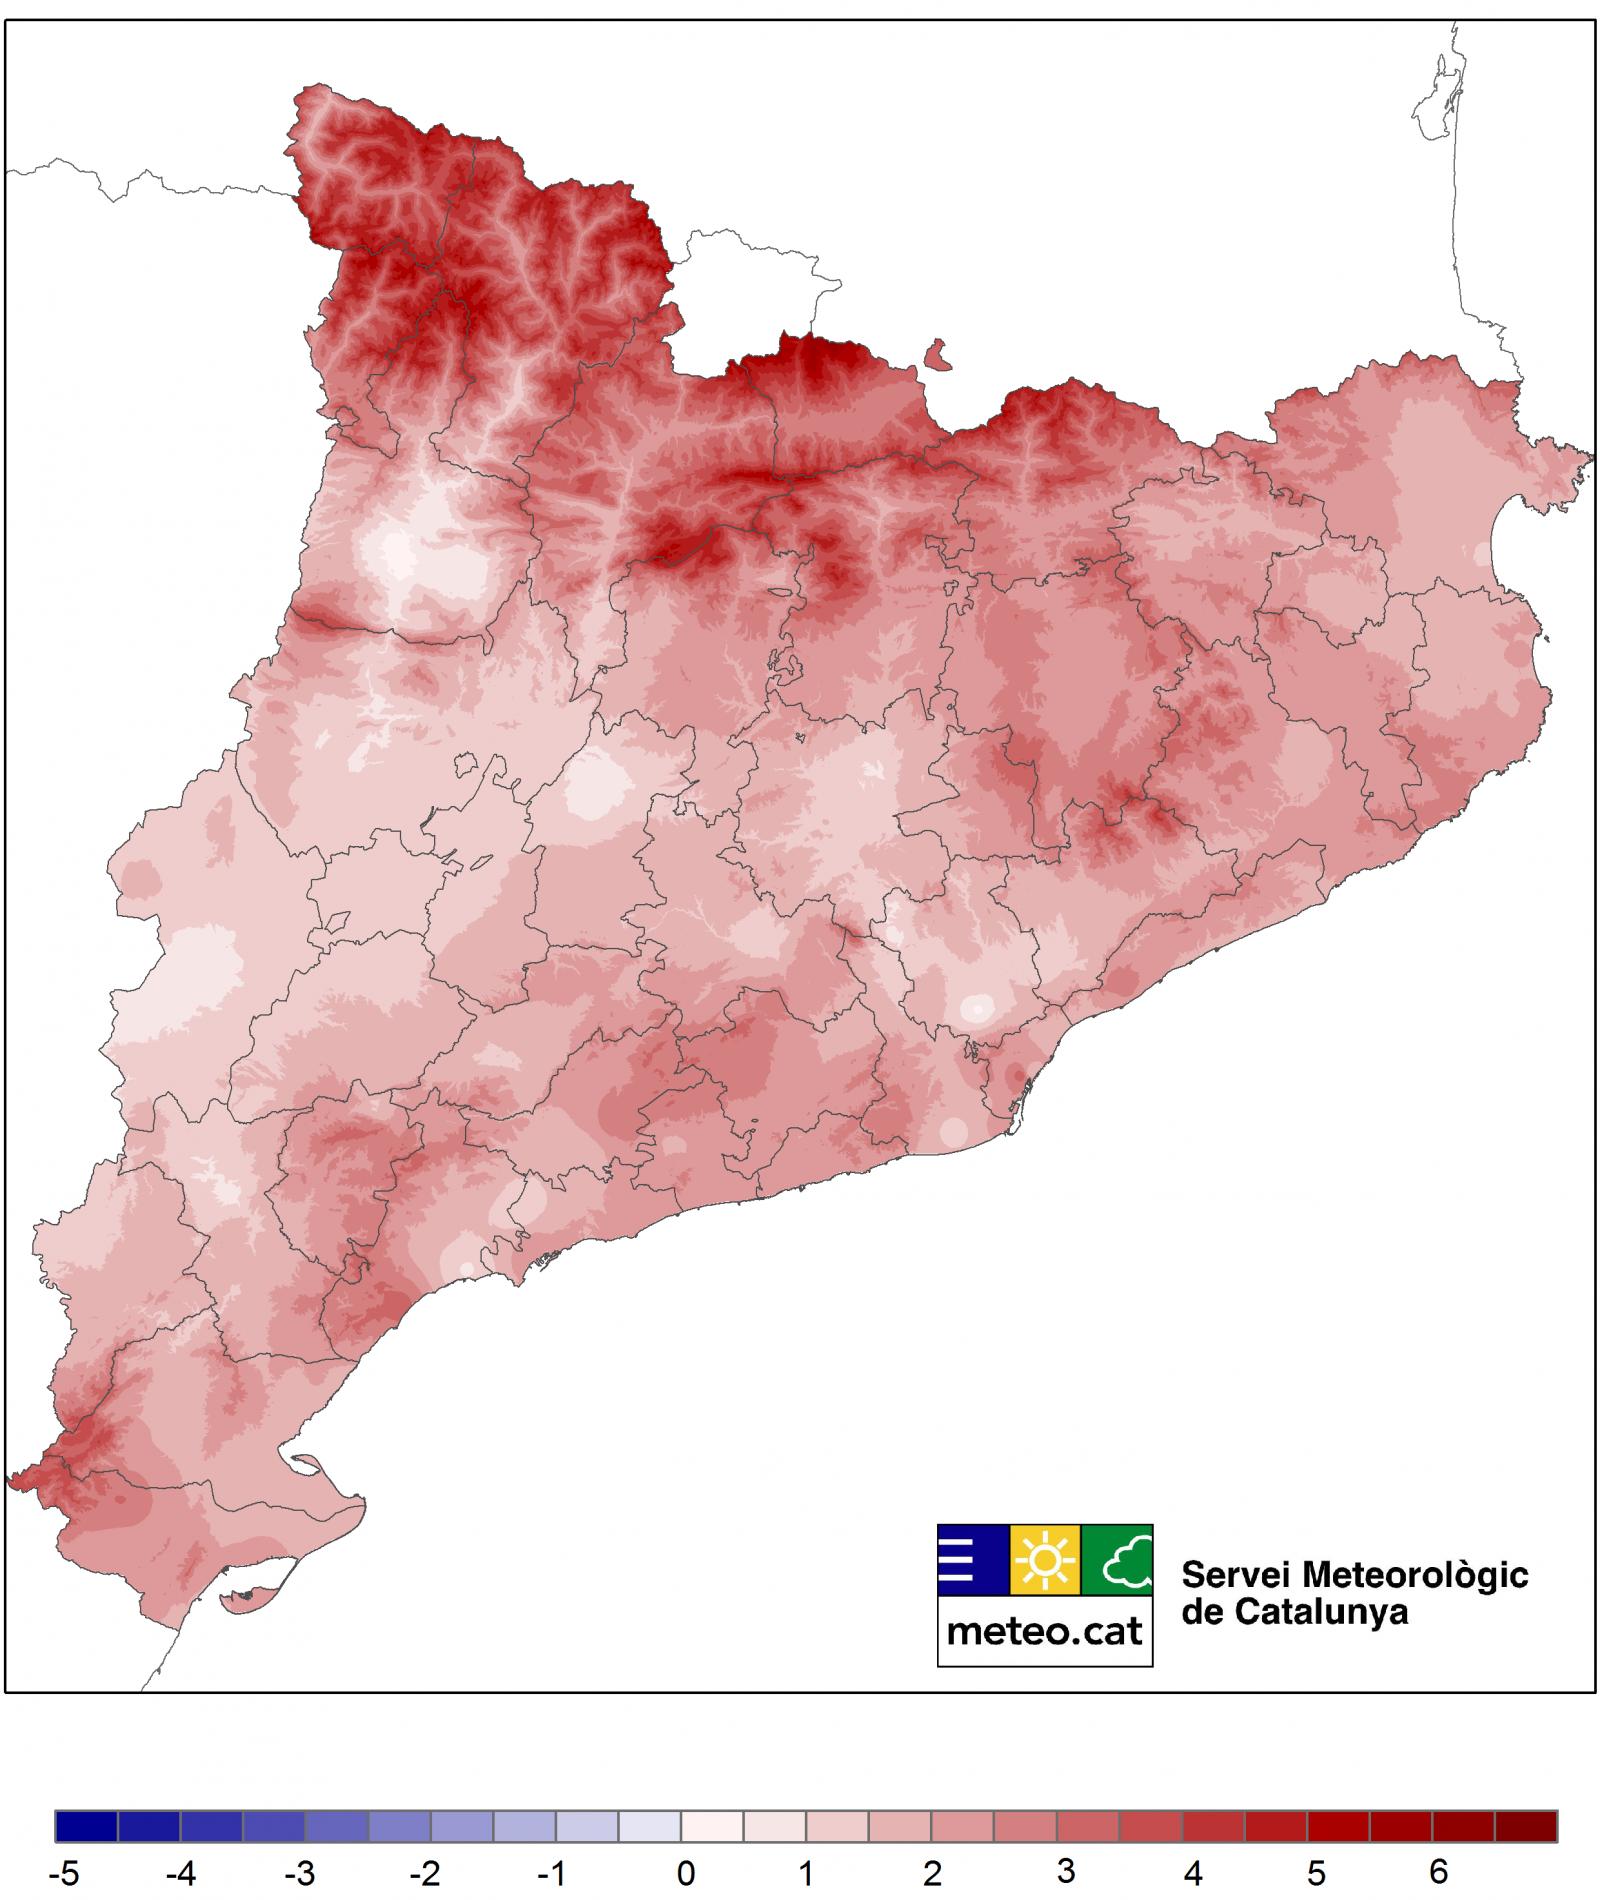 Diferència entre la temperatura mitjana i la climàtica del passat mes de desembre de 2018